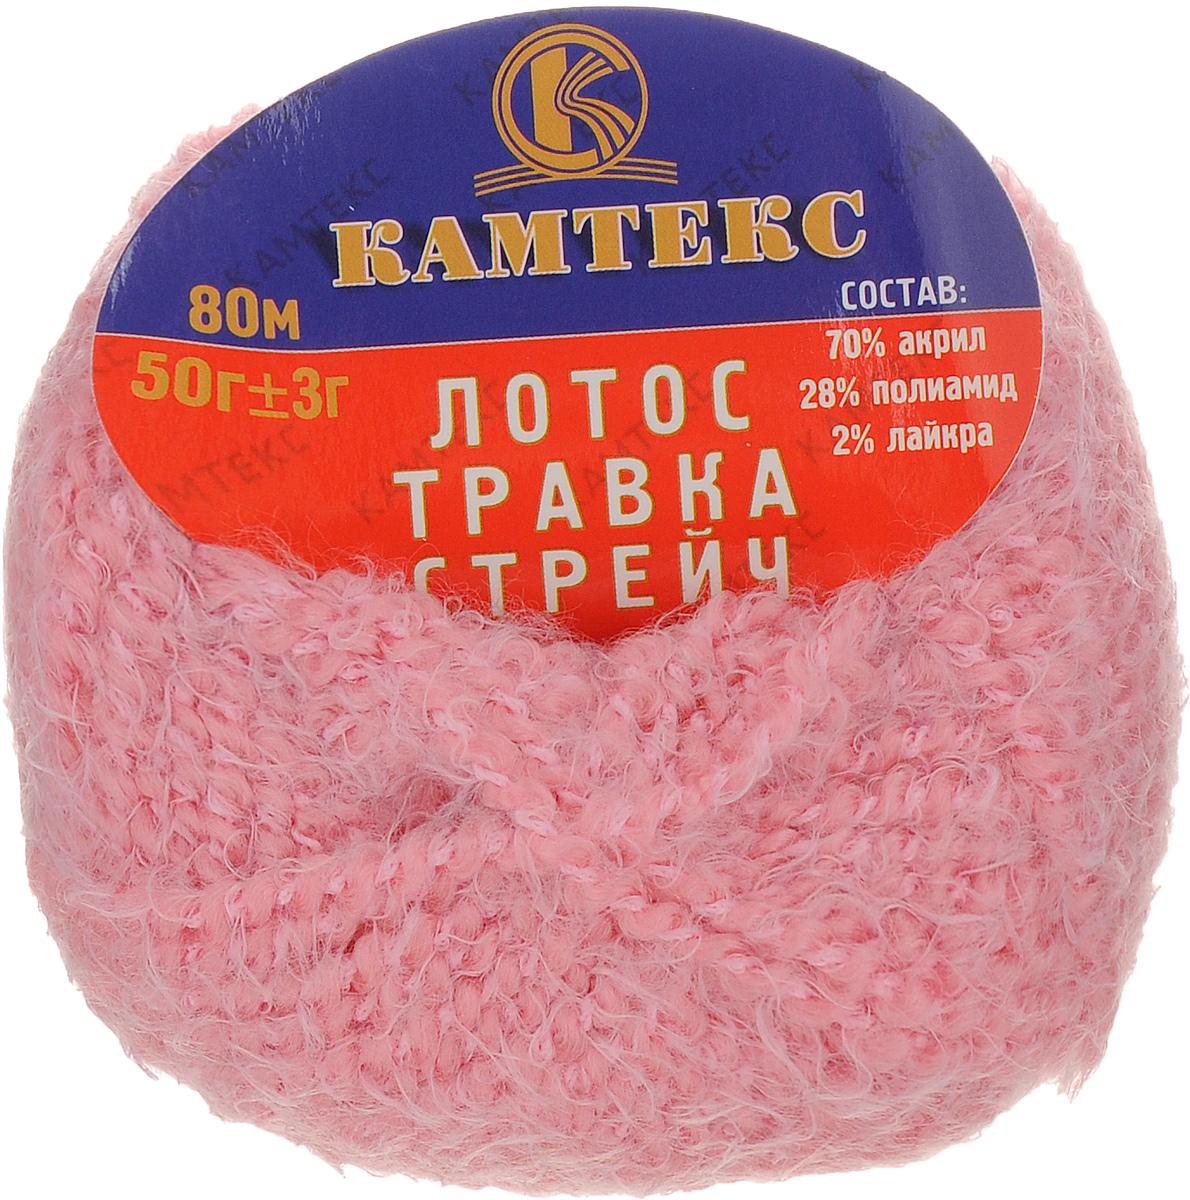 Пряжа для вязания Камтекс Лотос травка стрейч, цвет: клевер (270), 80 м, 50 г, 10 шт136081_270Пряжа для вязания Камтекс Лотос травка стрейч имеет интересный и необычный состав: 70% акрил, 28% полиамид, 2% лайкра. Акрил отвечает за мягкость, полиамид за прочность и формоустойчивость, а лайкра делает полотно необыкновенно эластичным. Эта волшебная плюшевая ниточка удивляет своей мягкостью, вяжется очень просто и быстро, ворсинки не путаются. Из этой пряжи получатся замечательные мягкие игрушки, которые будут не только приятны, но и абсолютно безопасны для маленьких детей. А яркие и сочные оттенки подарят ребенку радость и хорошее настроение. Рекомендуемый размер крючка и спиц: №3-6. Состав: 70% акрил, 28% полиамид, 2% лайкра.